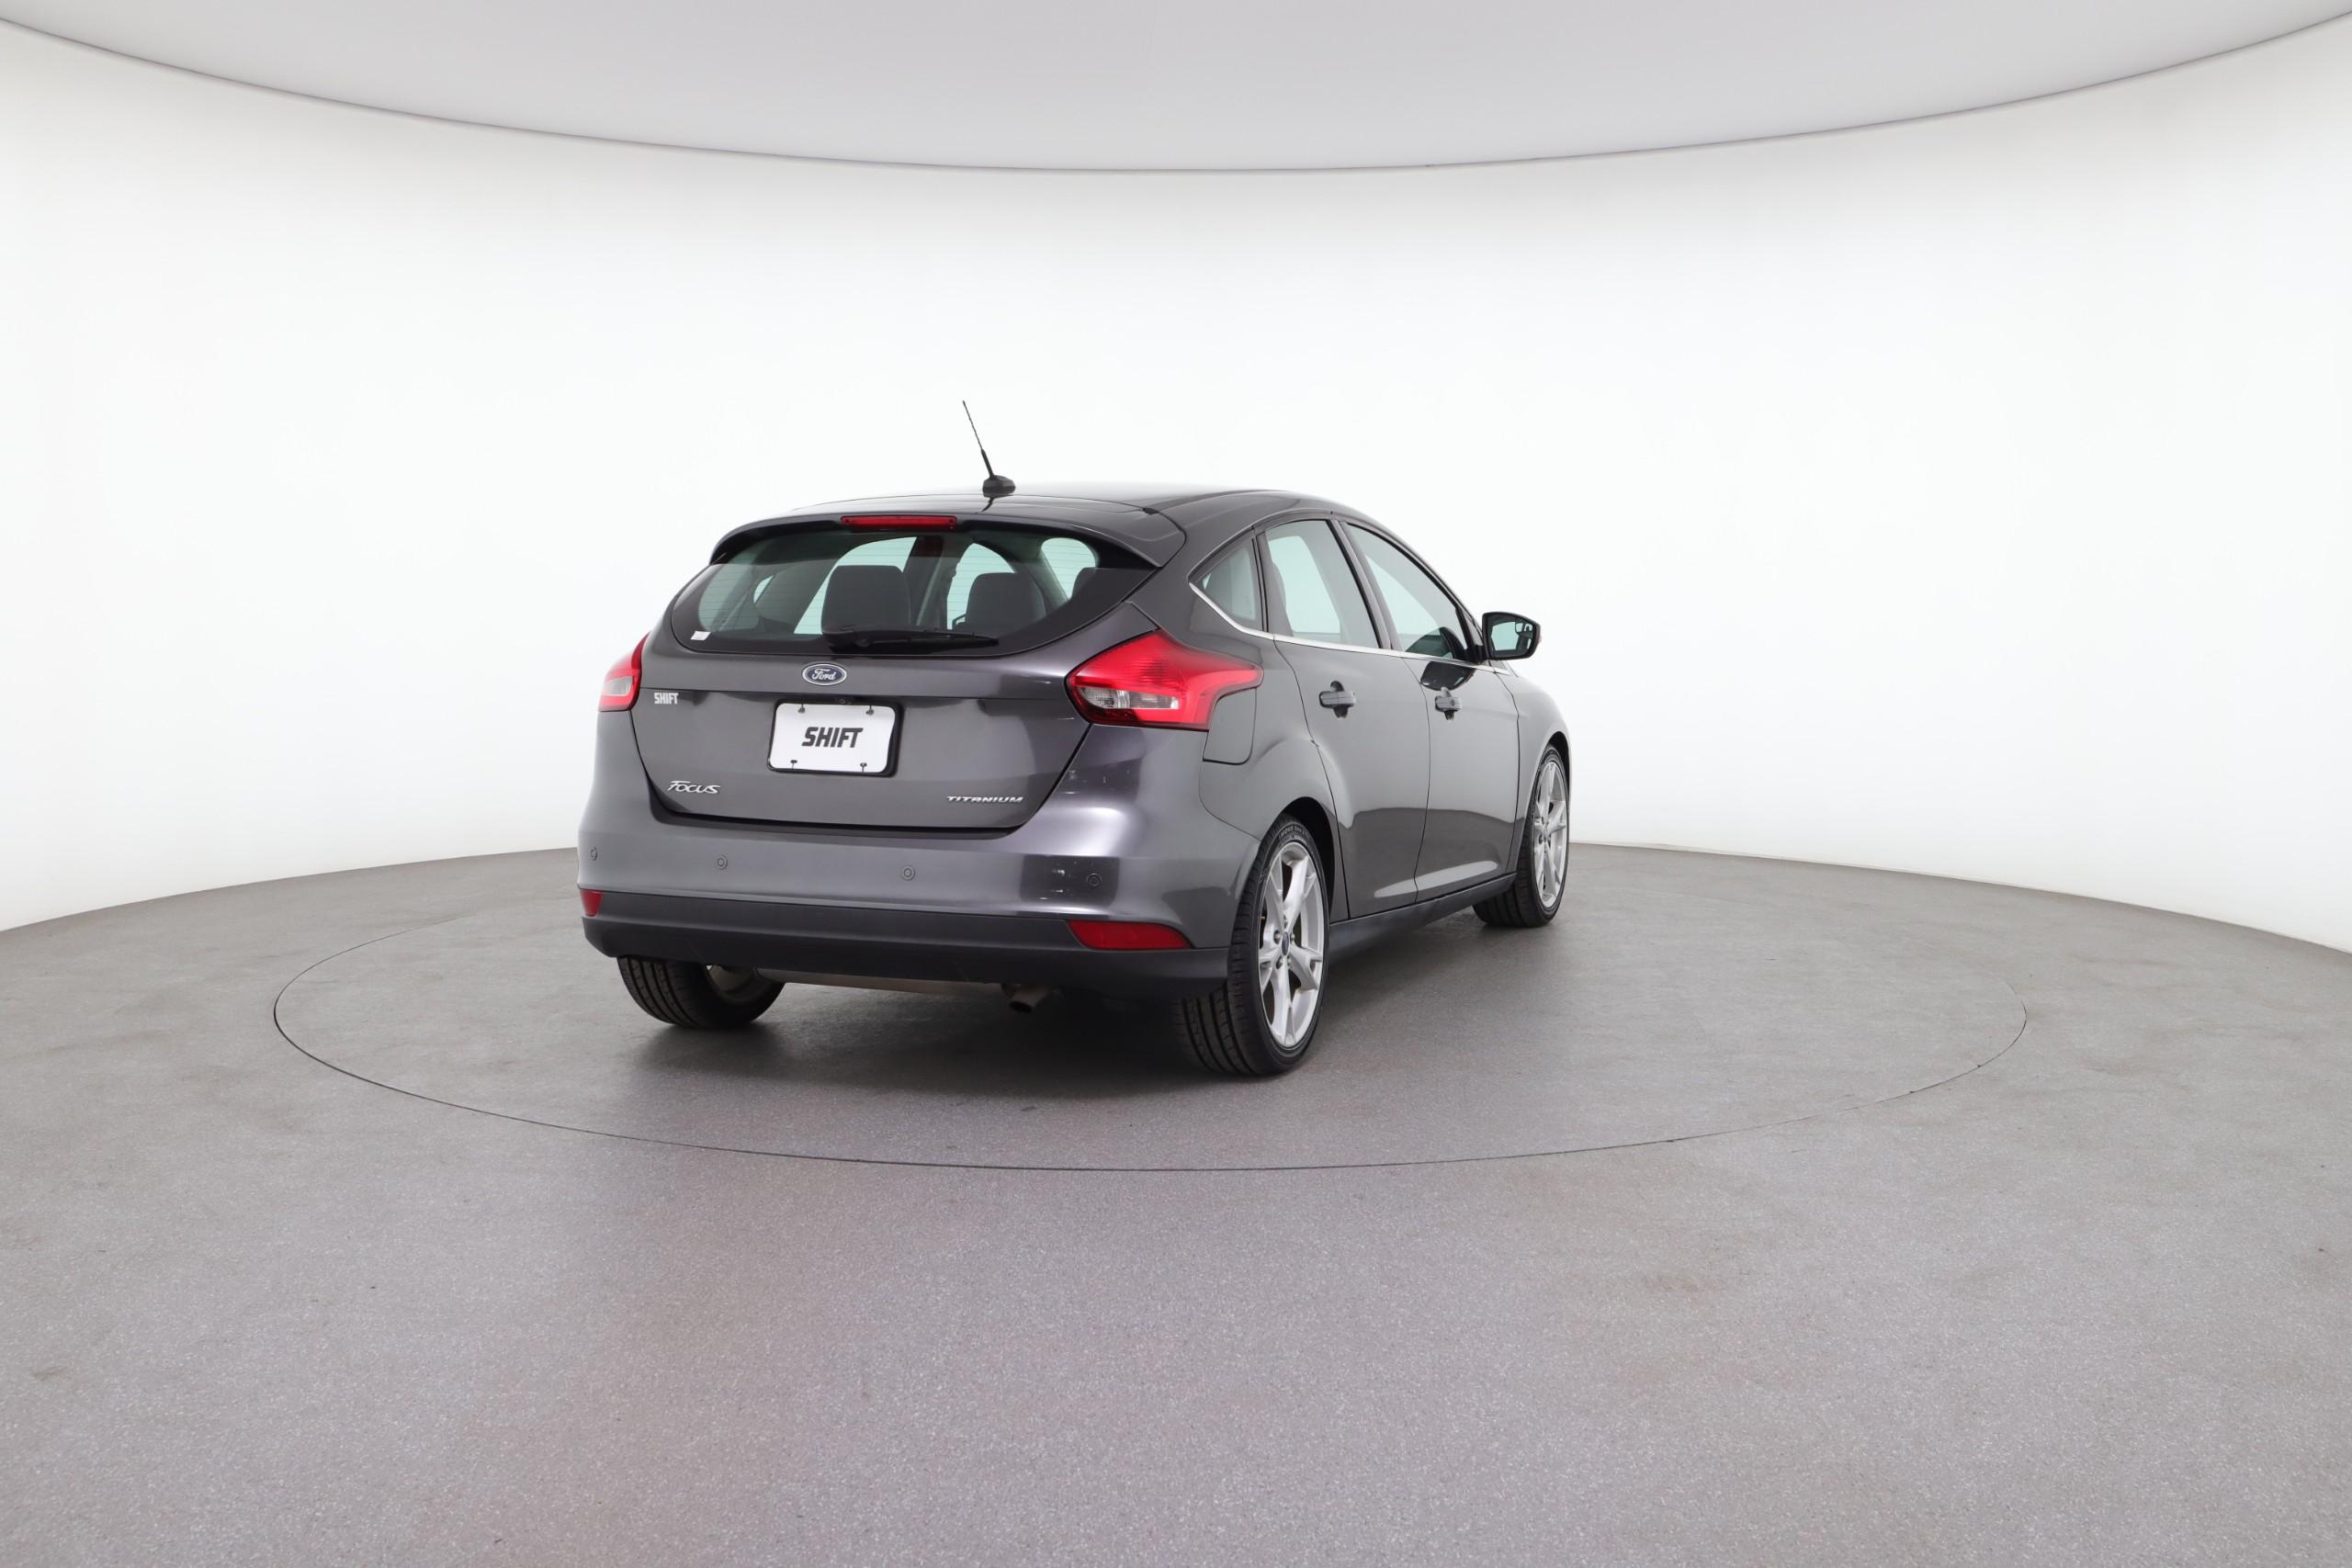 2015 Ford Focus Titanium (from $14,200)